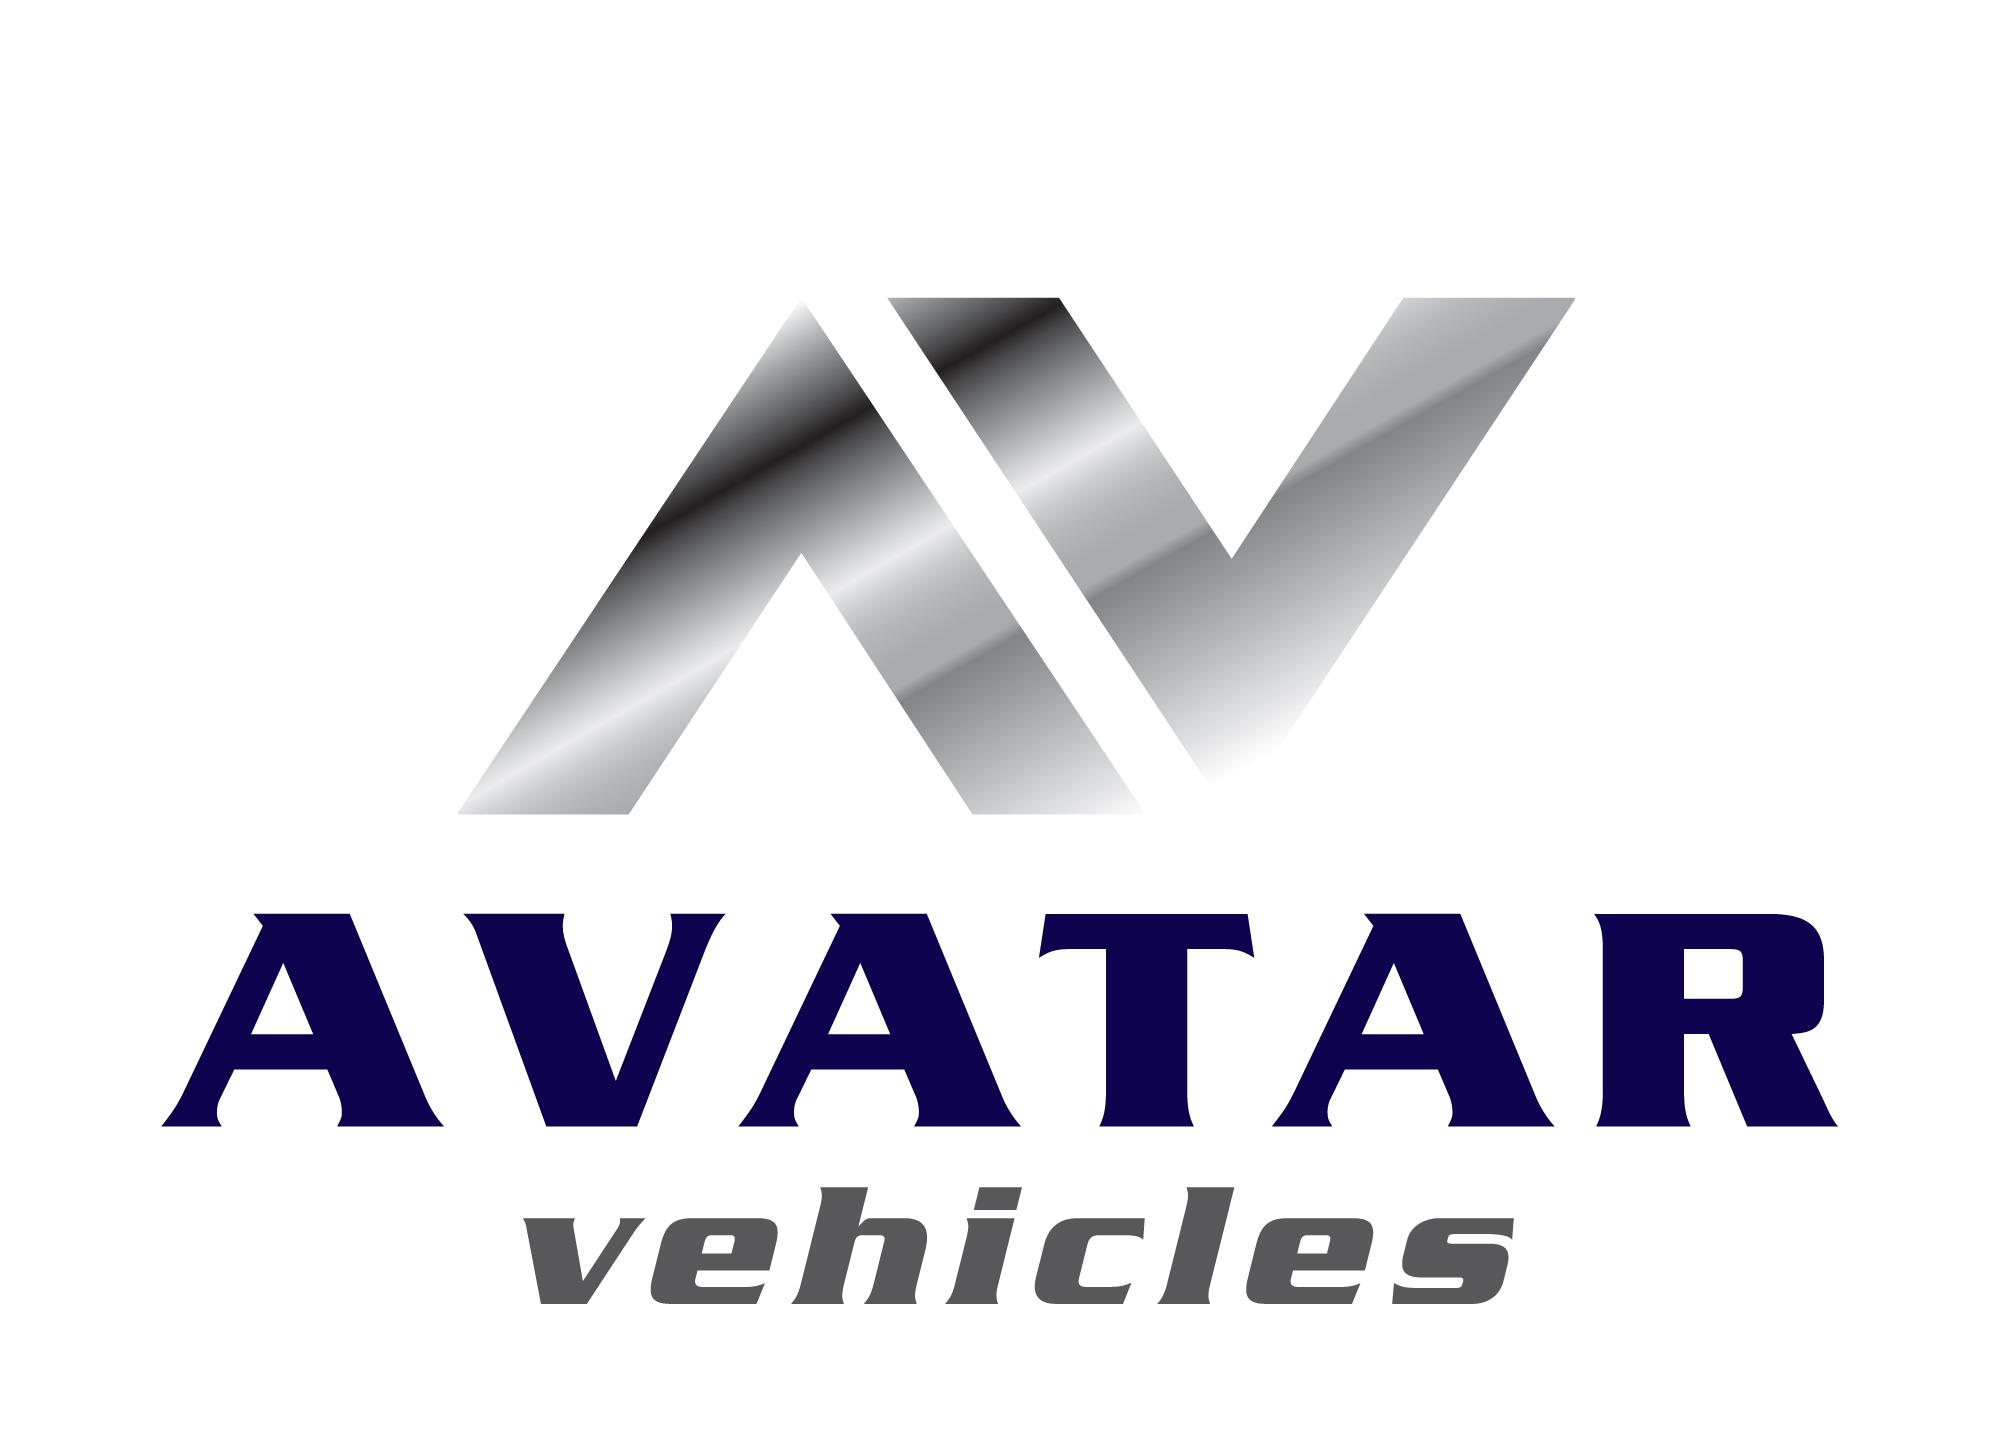 Avatar Vehicles ChartsView